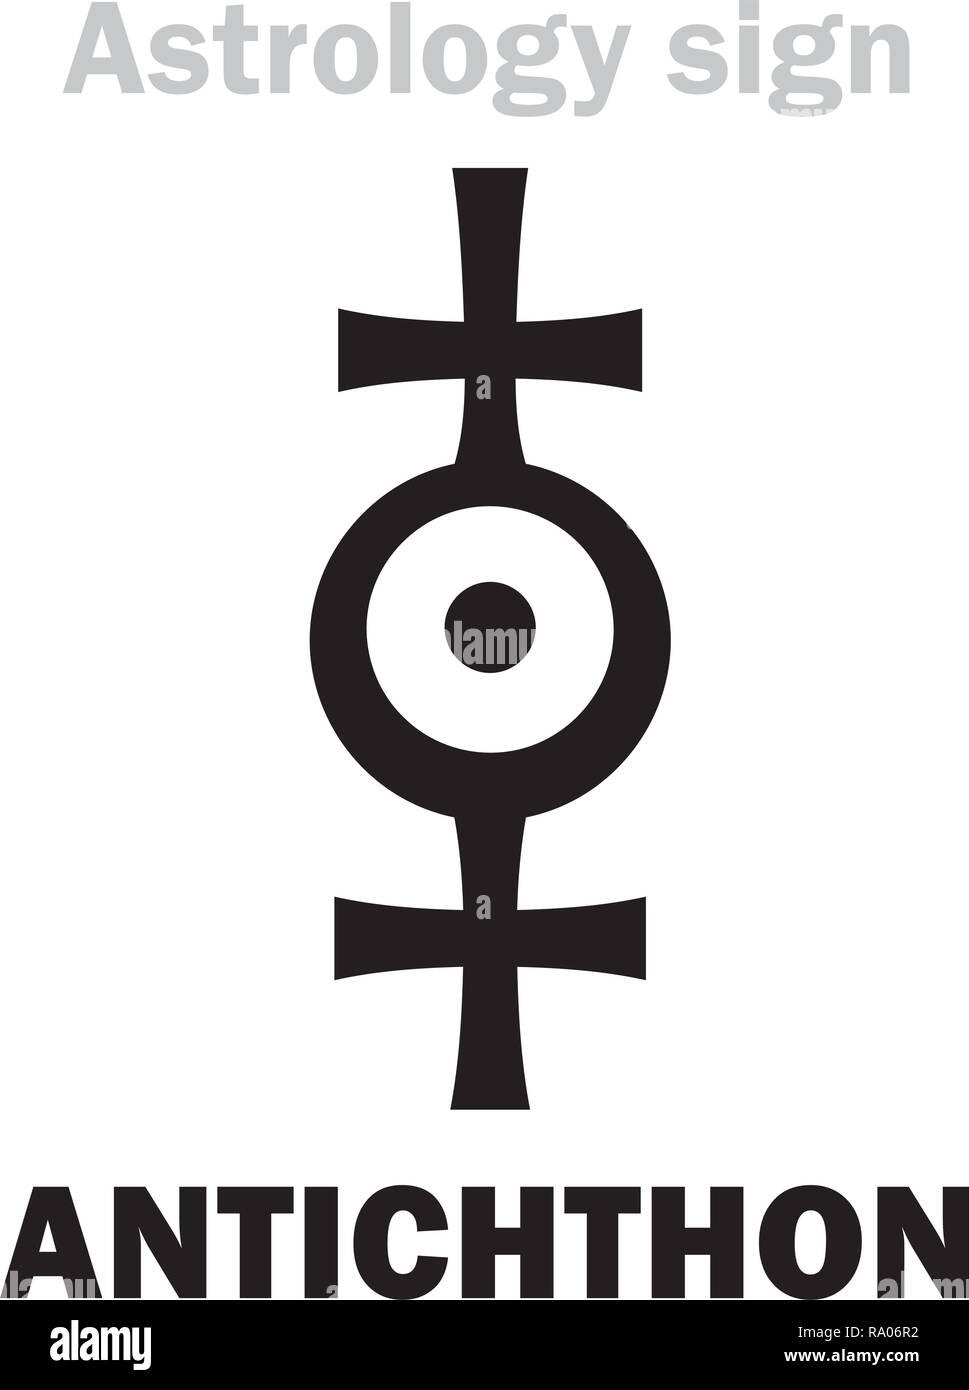 Astrology Alphabet: ANTICHTHON / Counter-Earth (also: Gloria, Horus, Vulcan), Earth analog, hypothetical planet of Pythagoreans. Hieroglyphics sign. Stock Vector